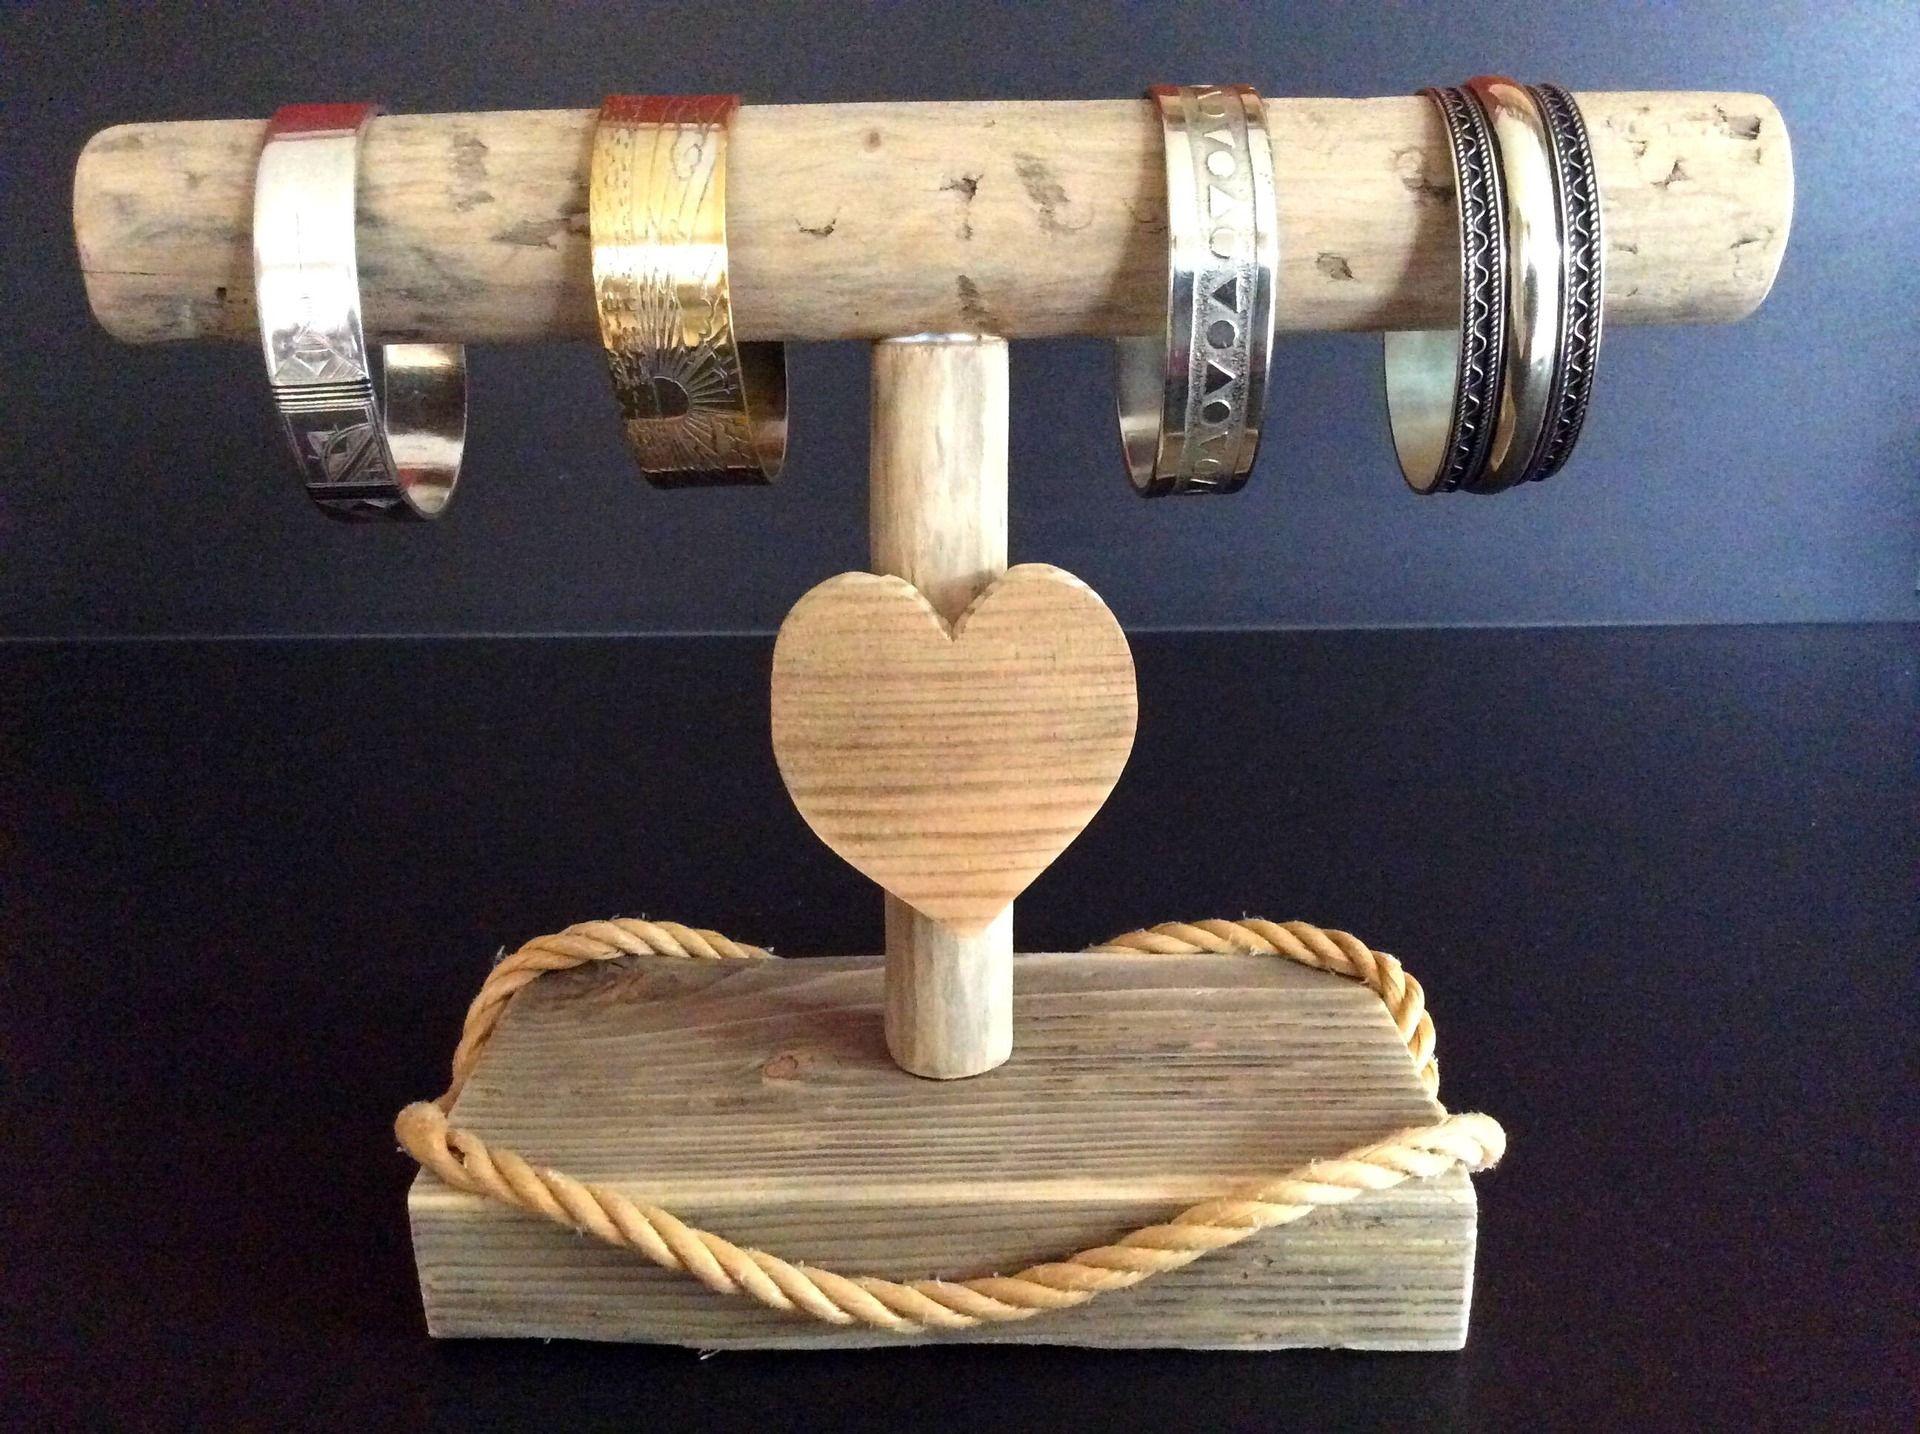 Bois Flotté Porte Photo porte-bracelets en bois flotté par l'atelier de corinne